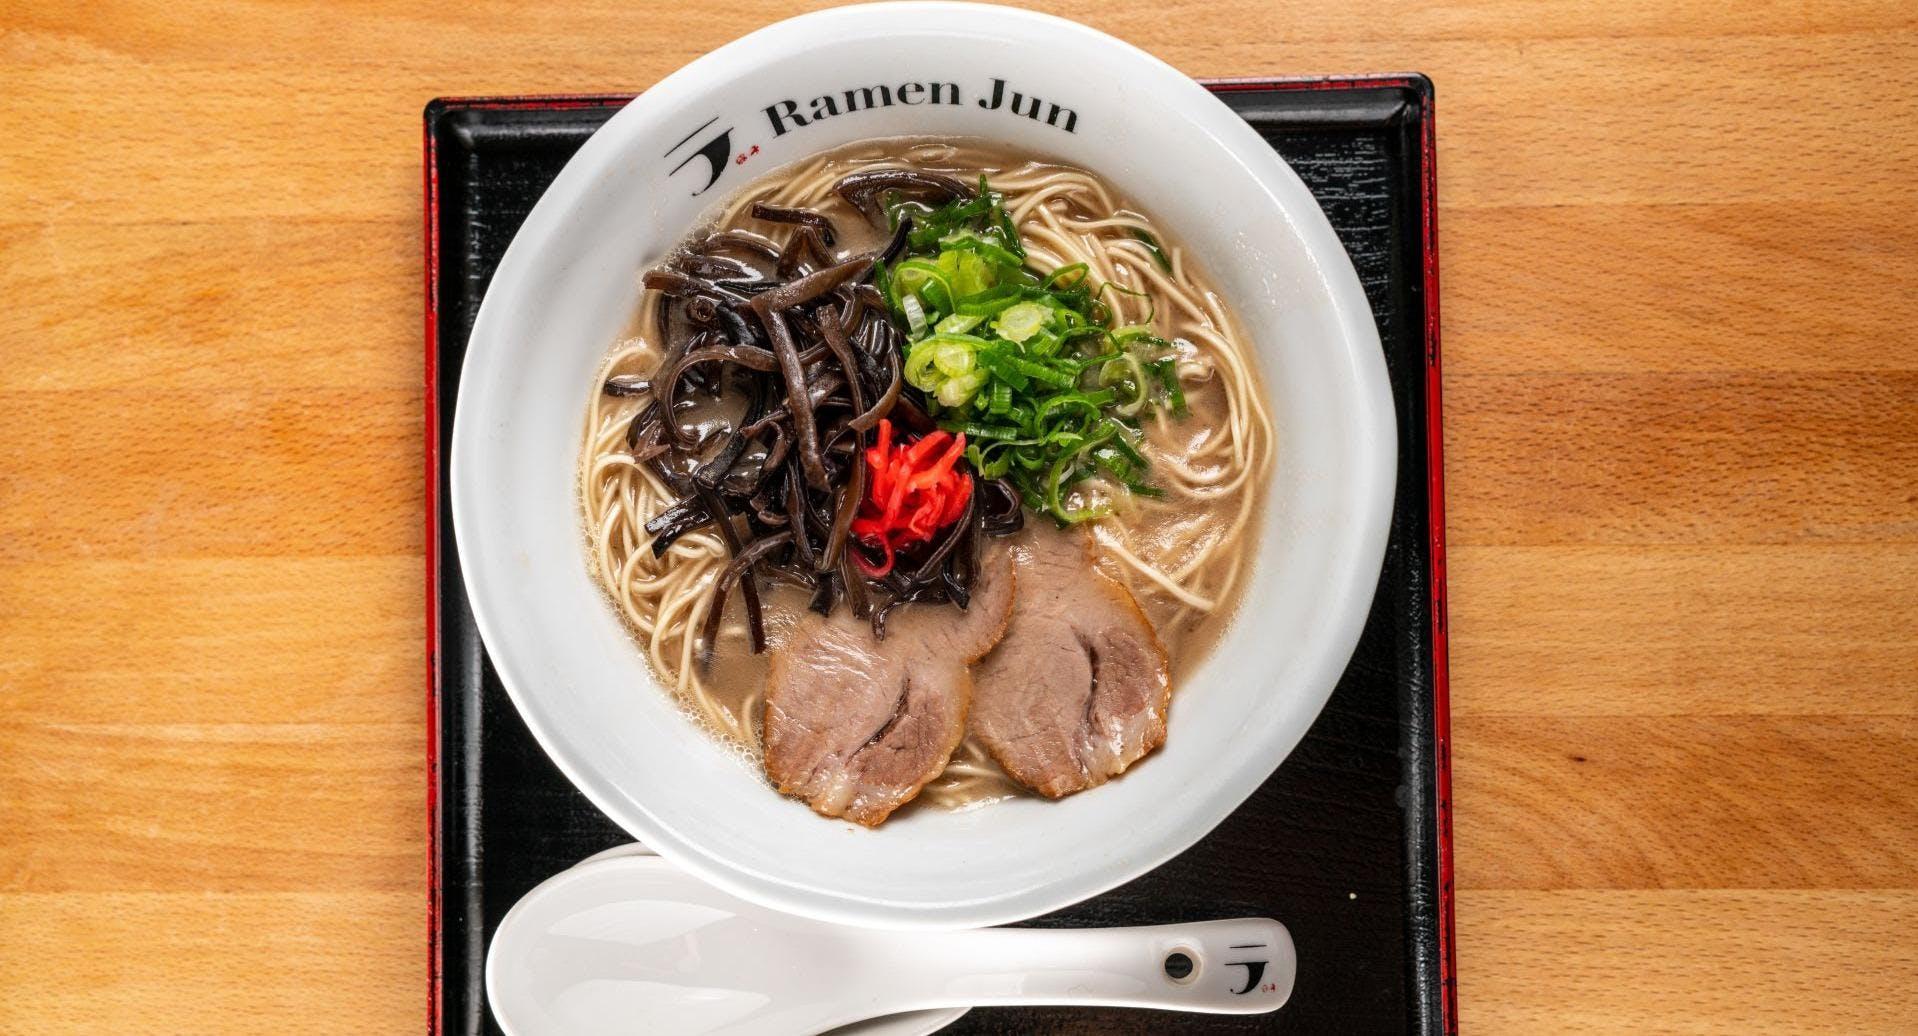 Ramen Jun Red